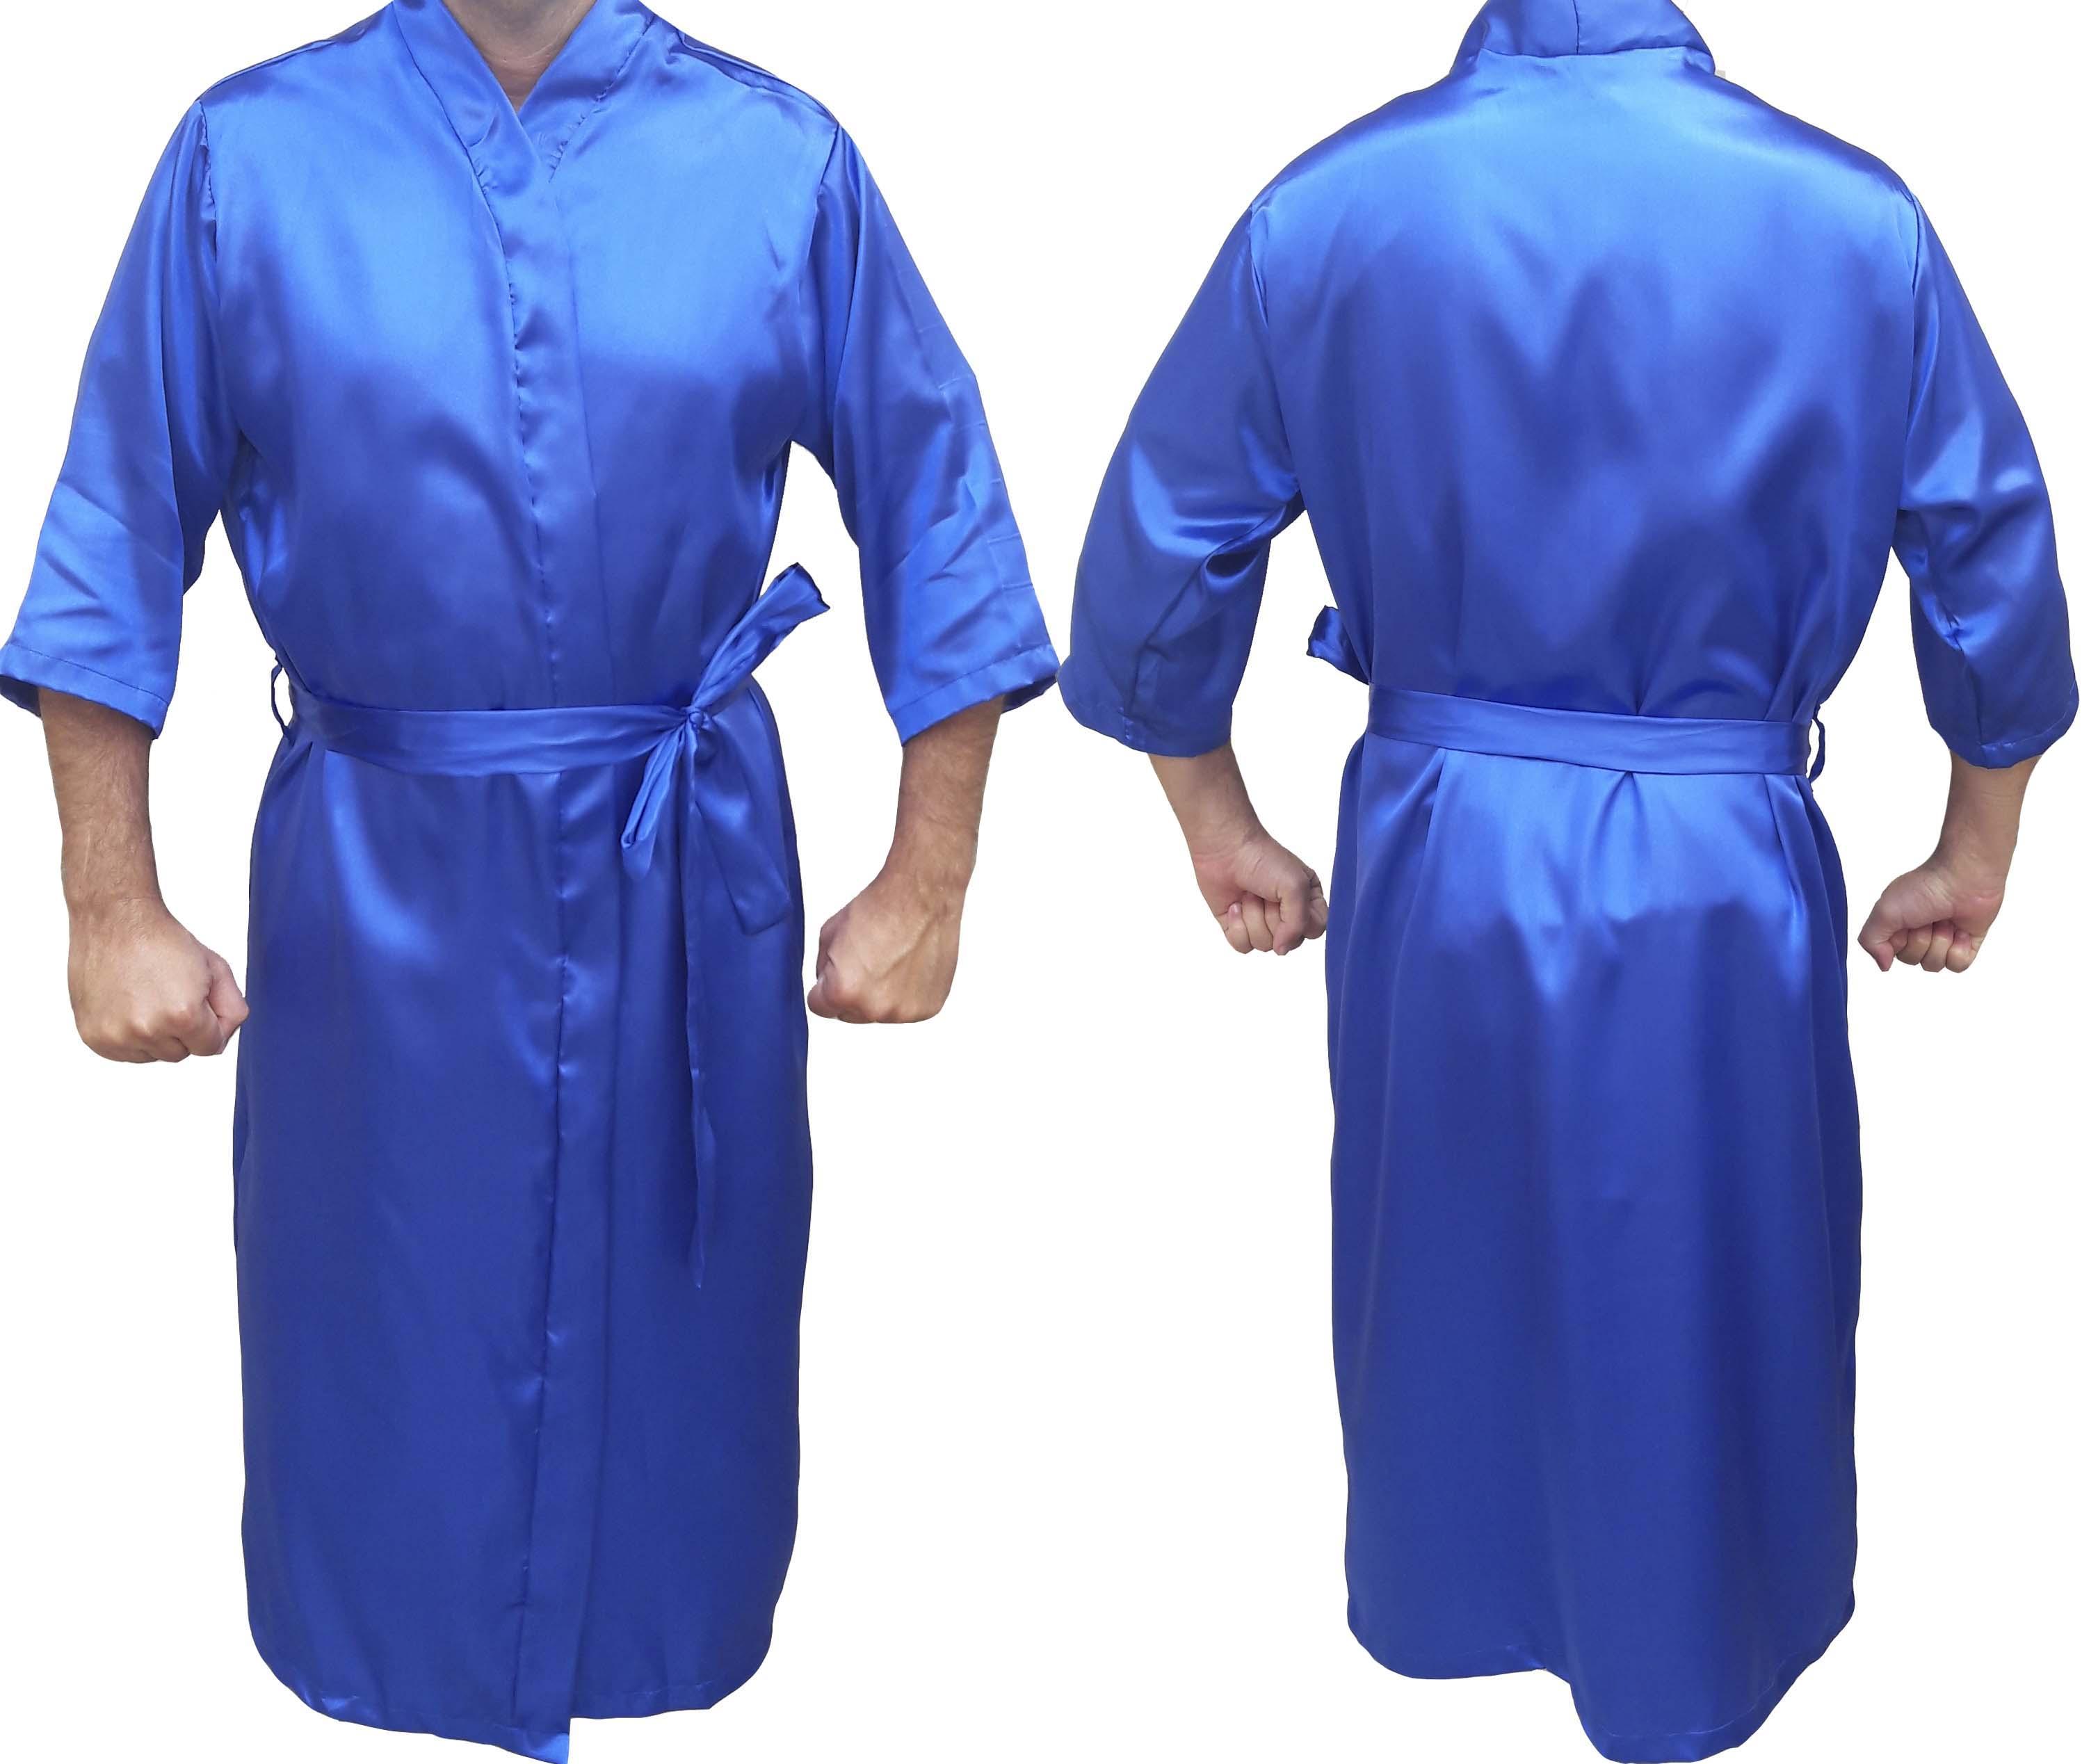 Robe Roupão de Cetim Masculino Manga 3/4 Quimono Azul Royal